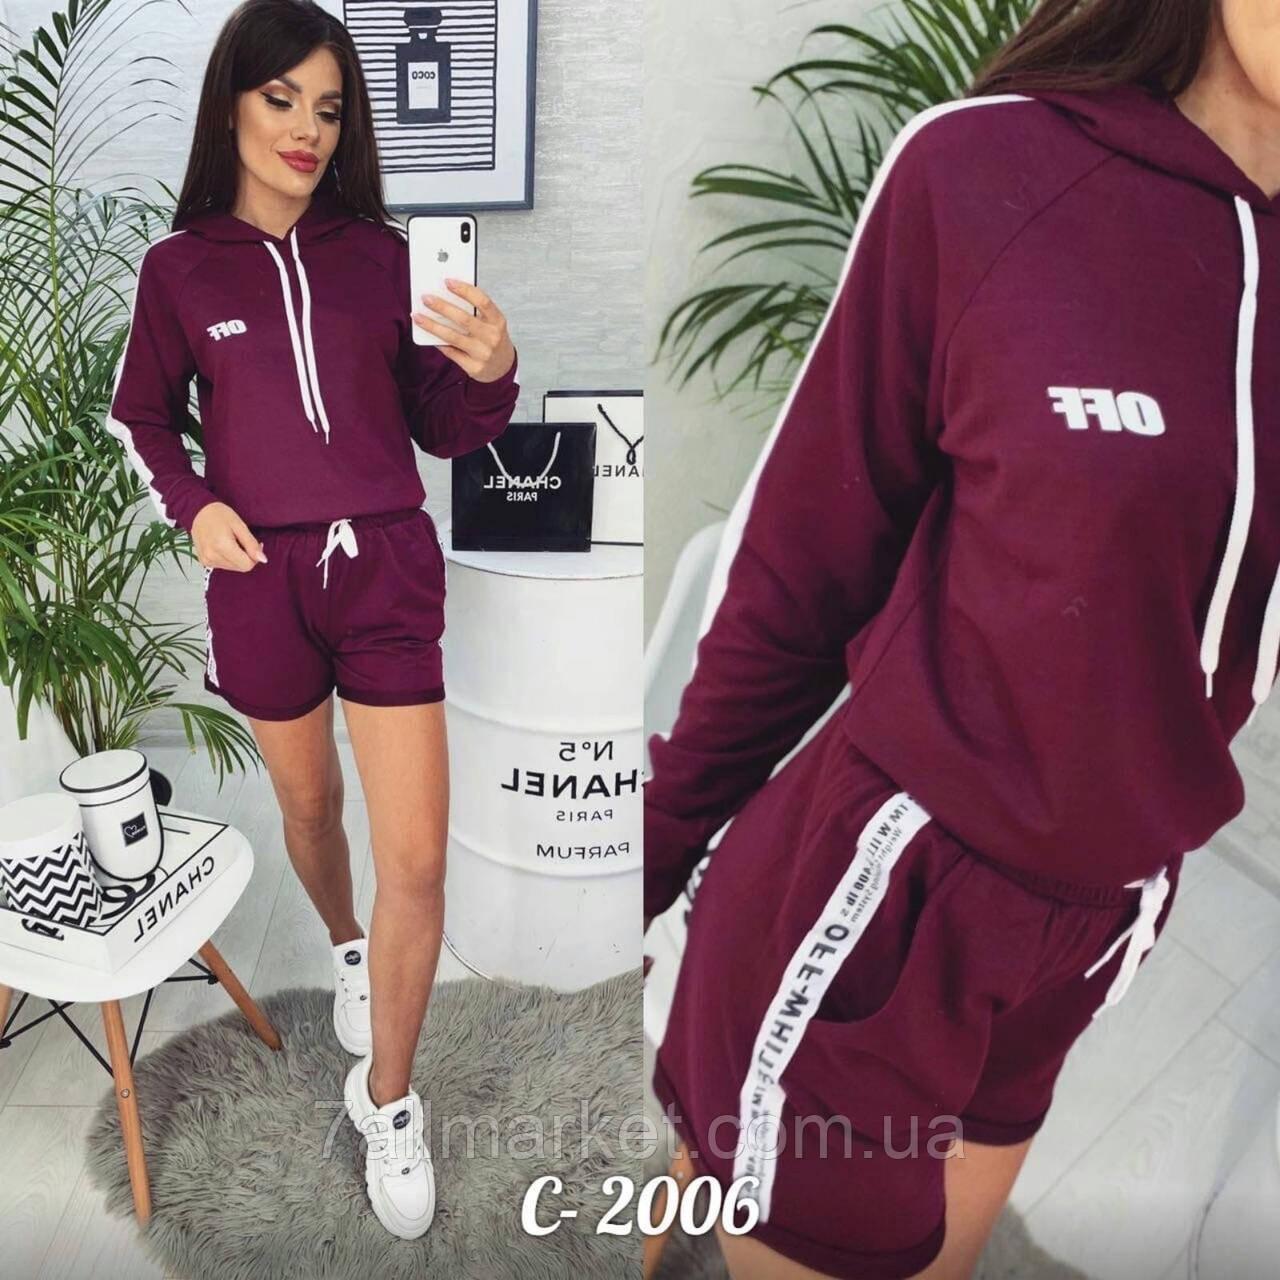 """Костюм 2-ка жіночий молодіжний з шортами, розміри S-XL (3ол) """"LAIM"""" купити недорого від прямого постачальника"""